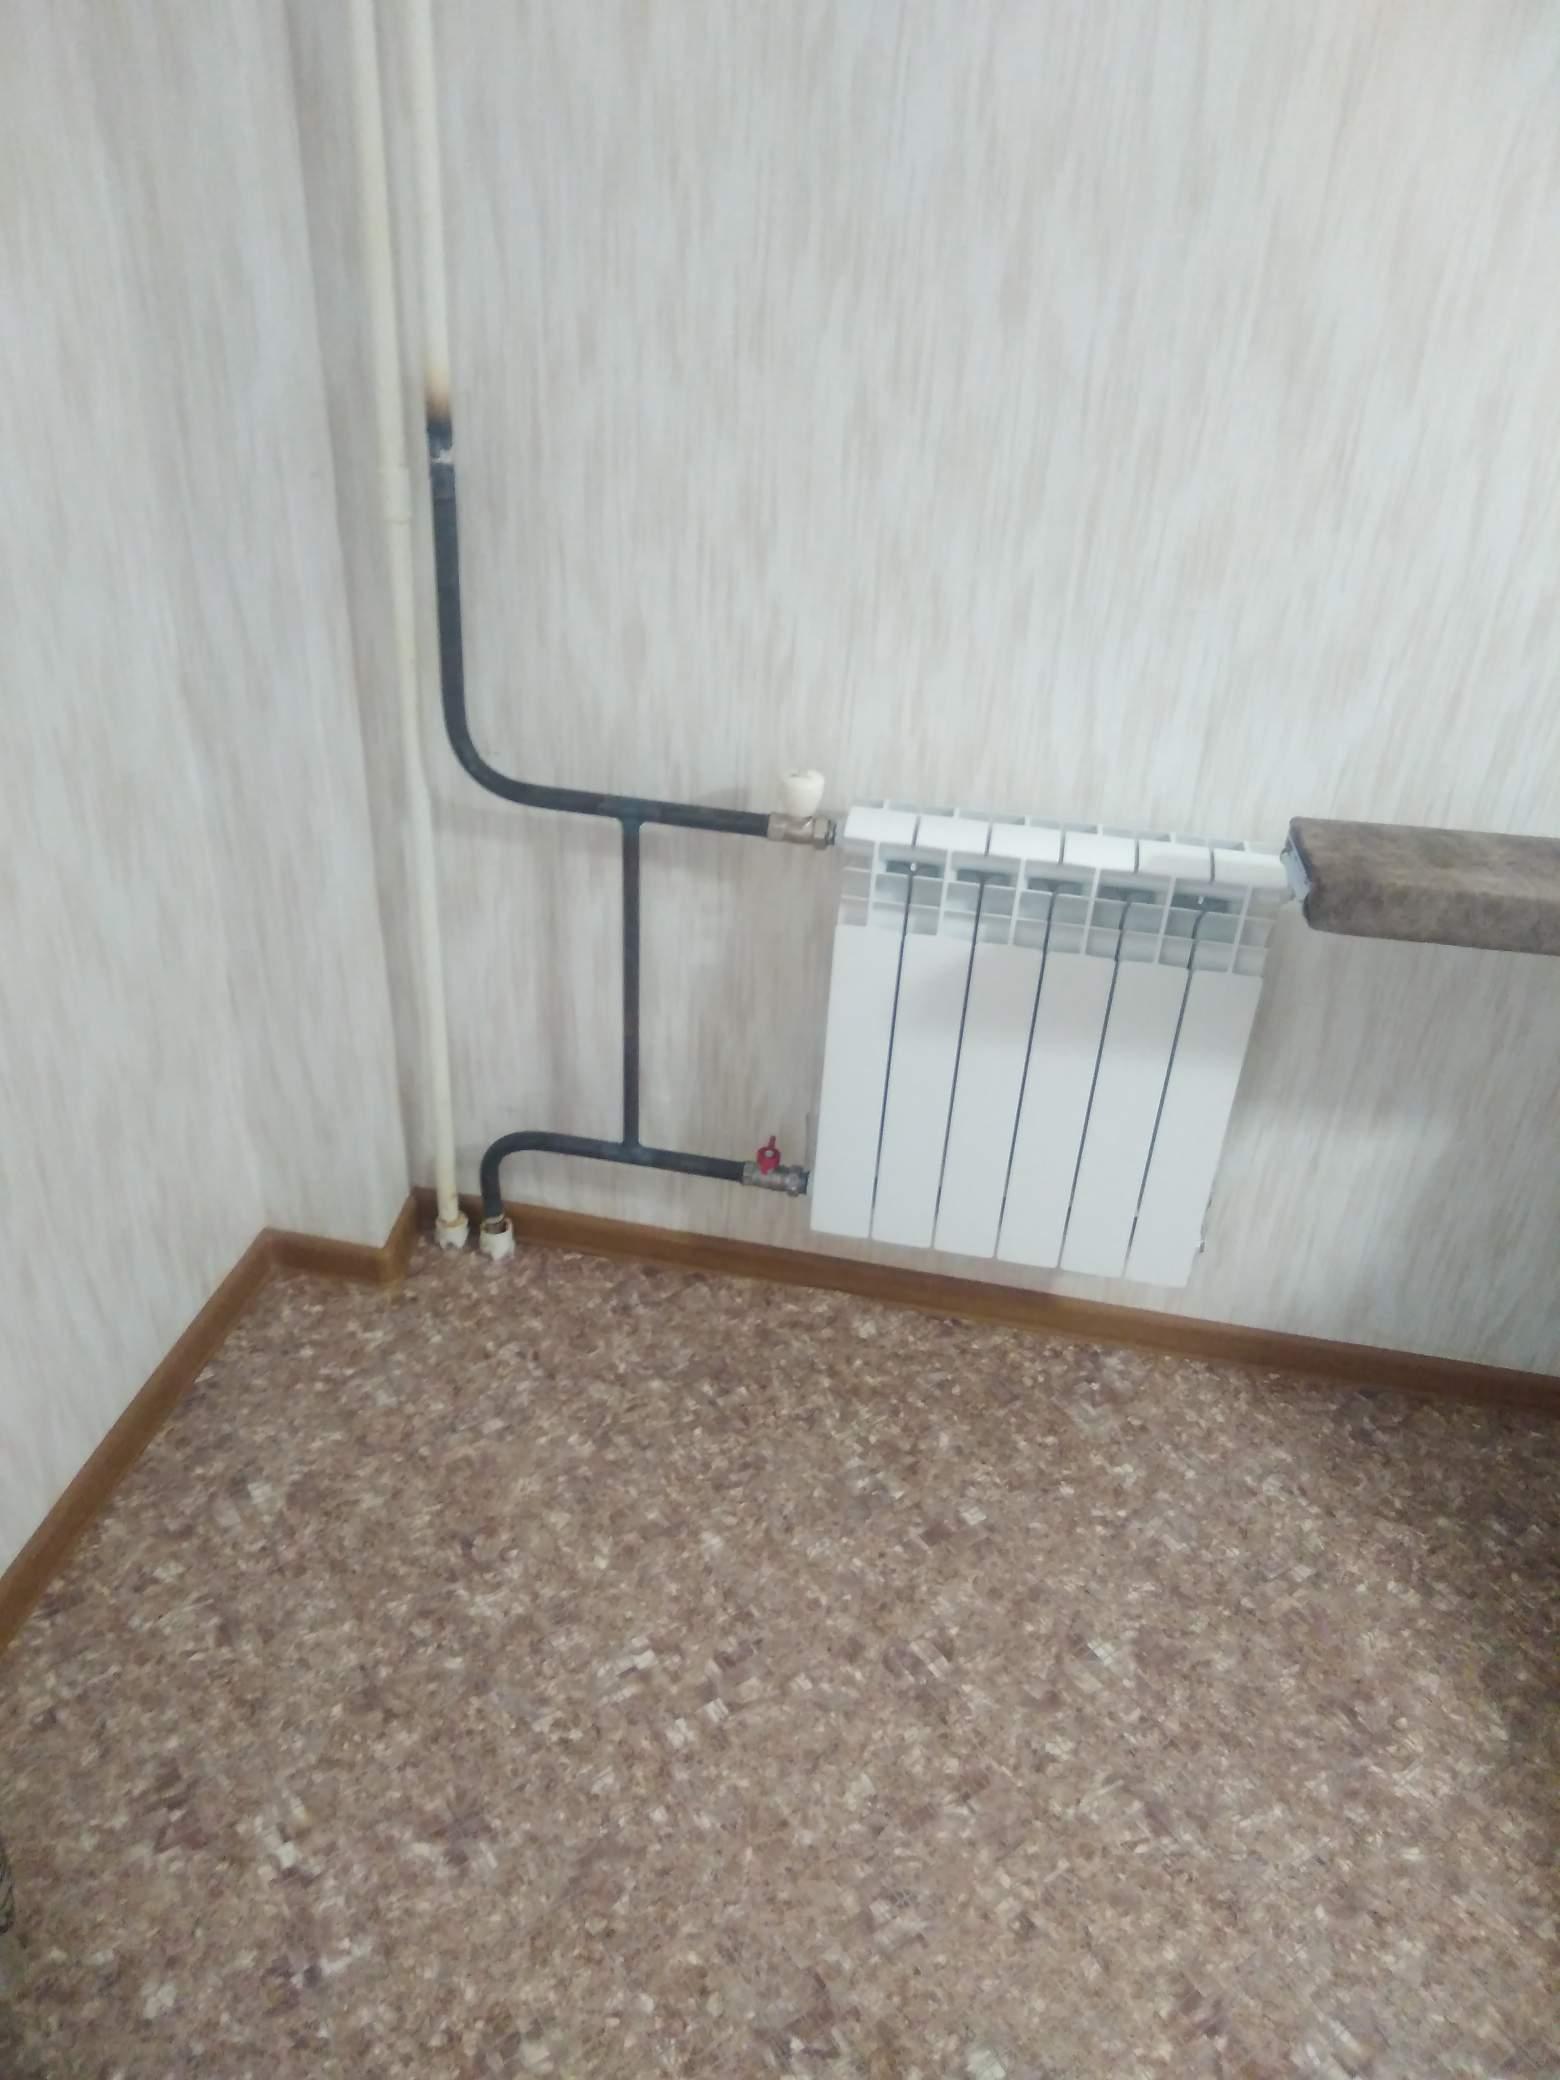 Монтаж 2-х радиаторов #1001463